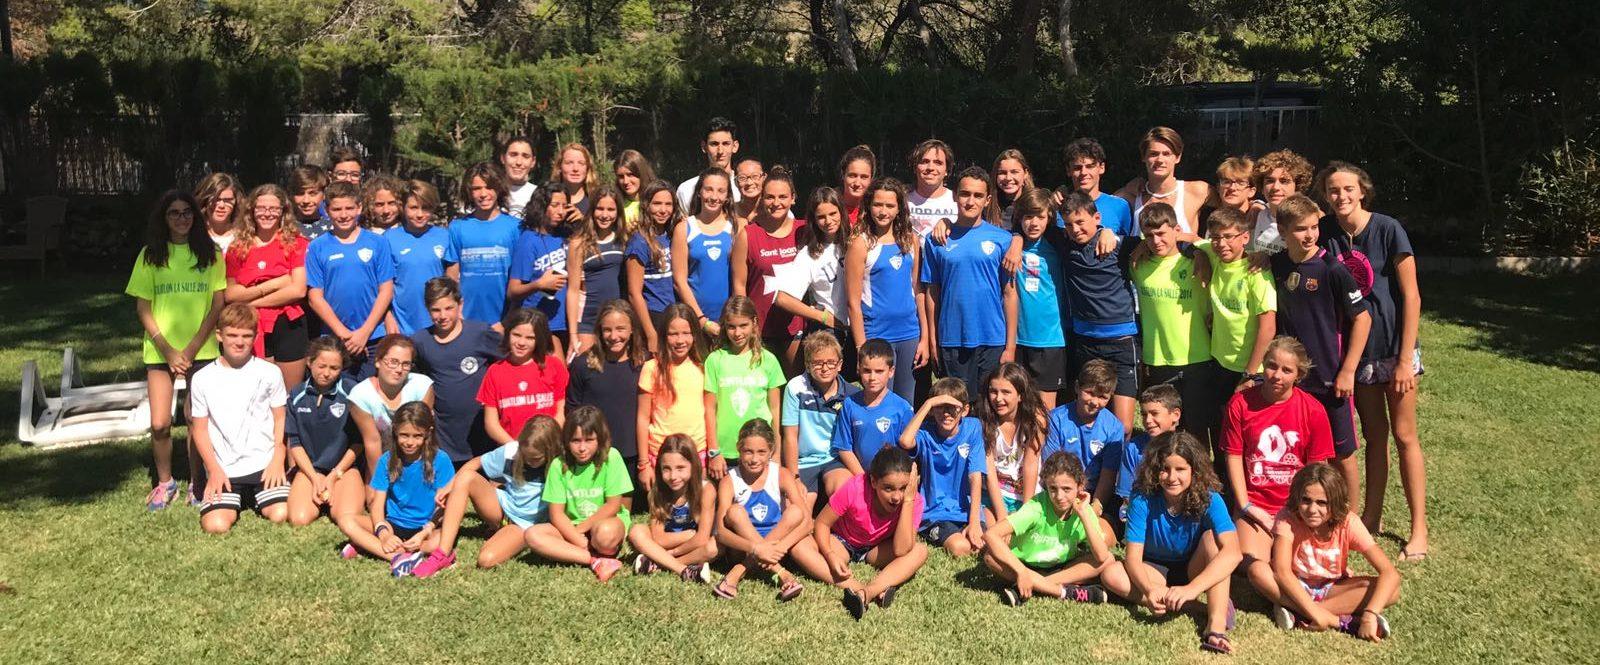 Club Natación La Salle